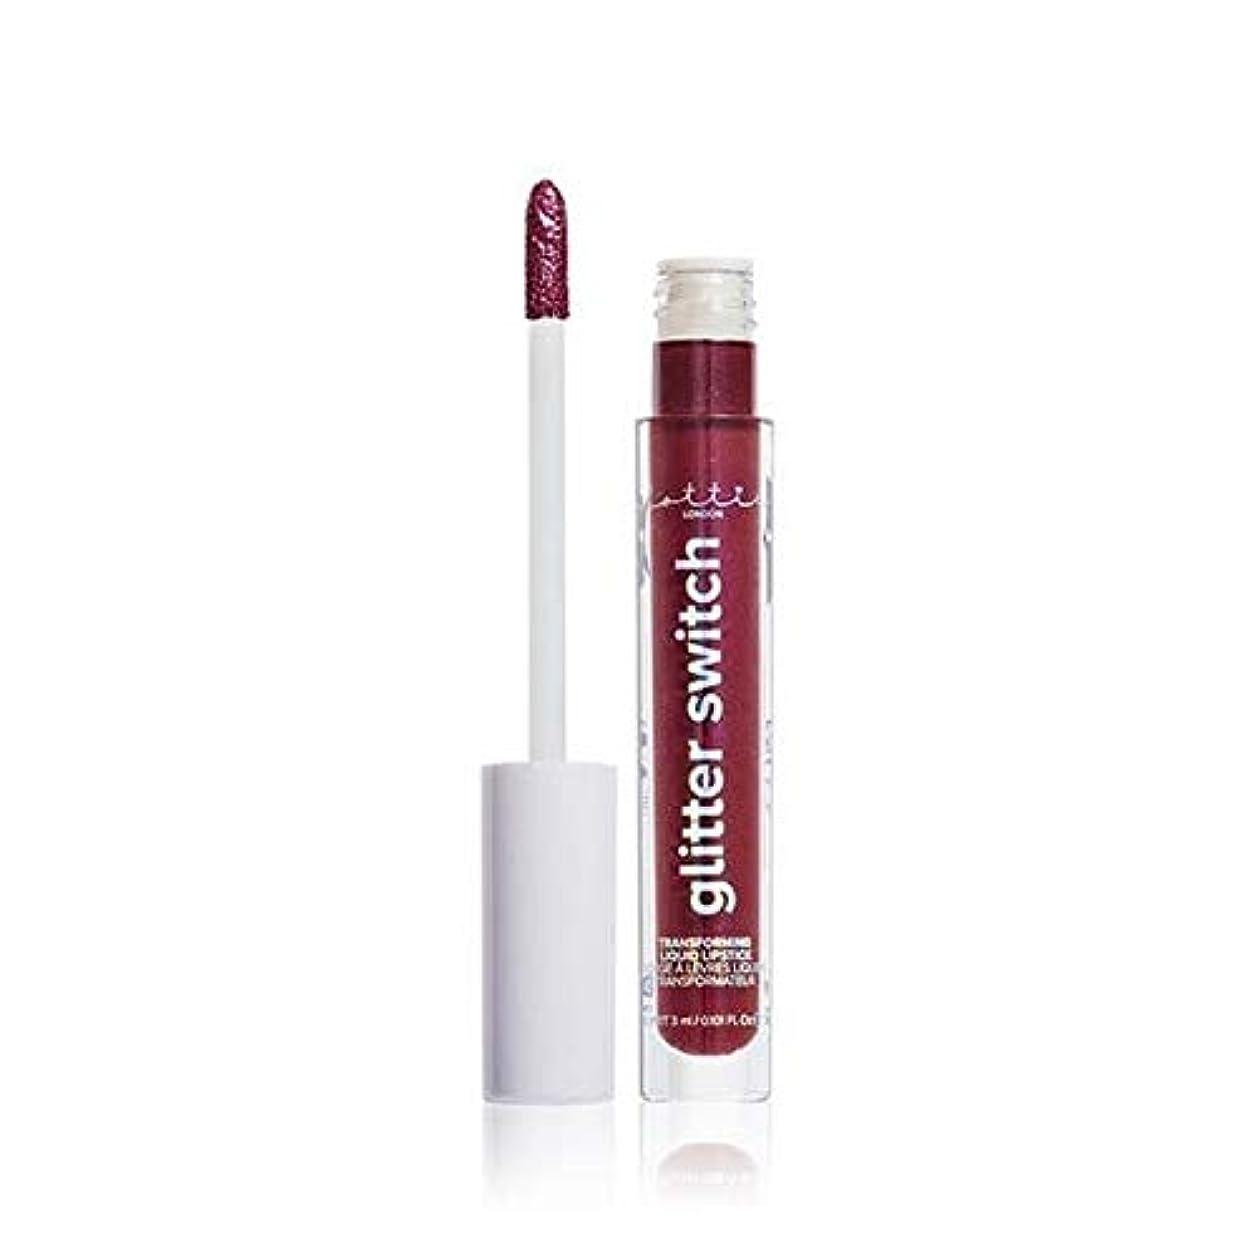 危険を冒します交じる運動[Lottie London] Lottieロンドングリッタースイッチはそれをキリン口紅を変換します - Lottie London Glitter Switch Transform Lipstick Killin It...